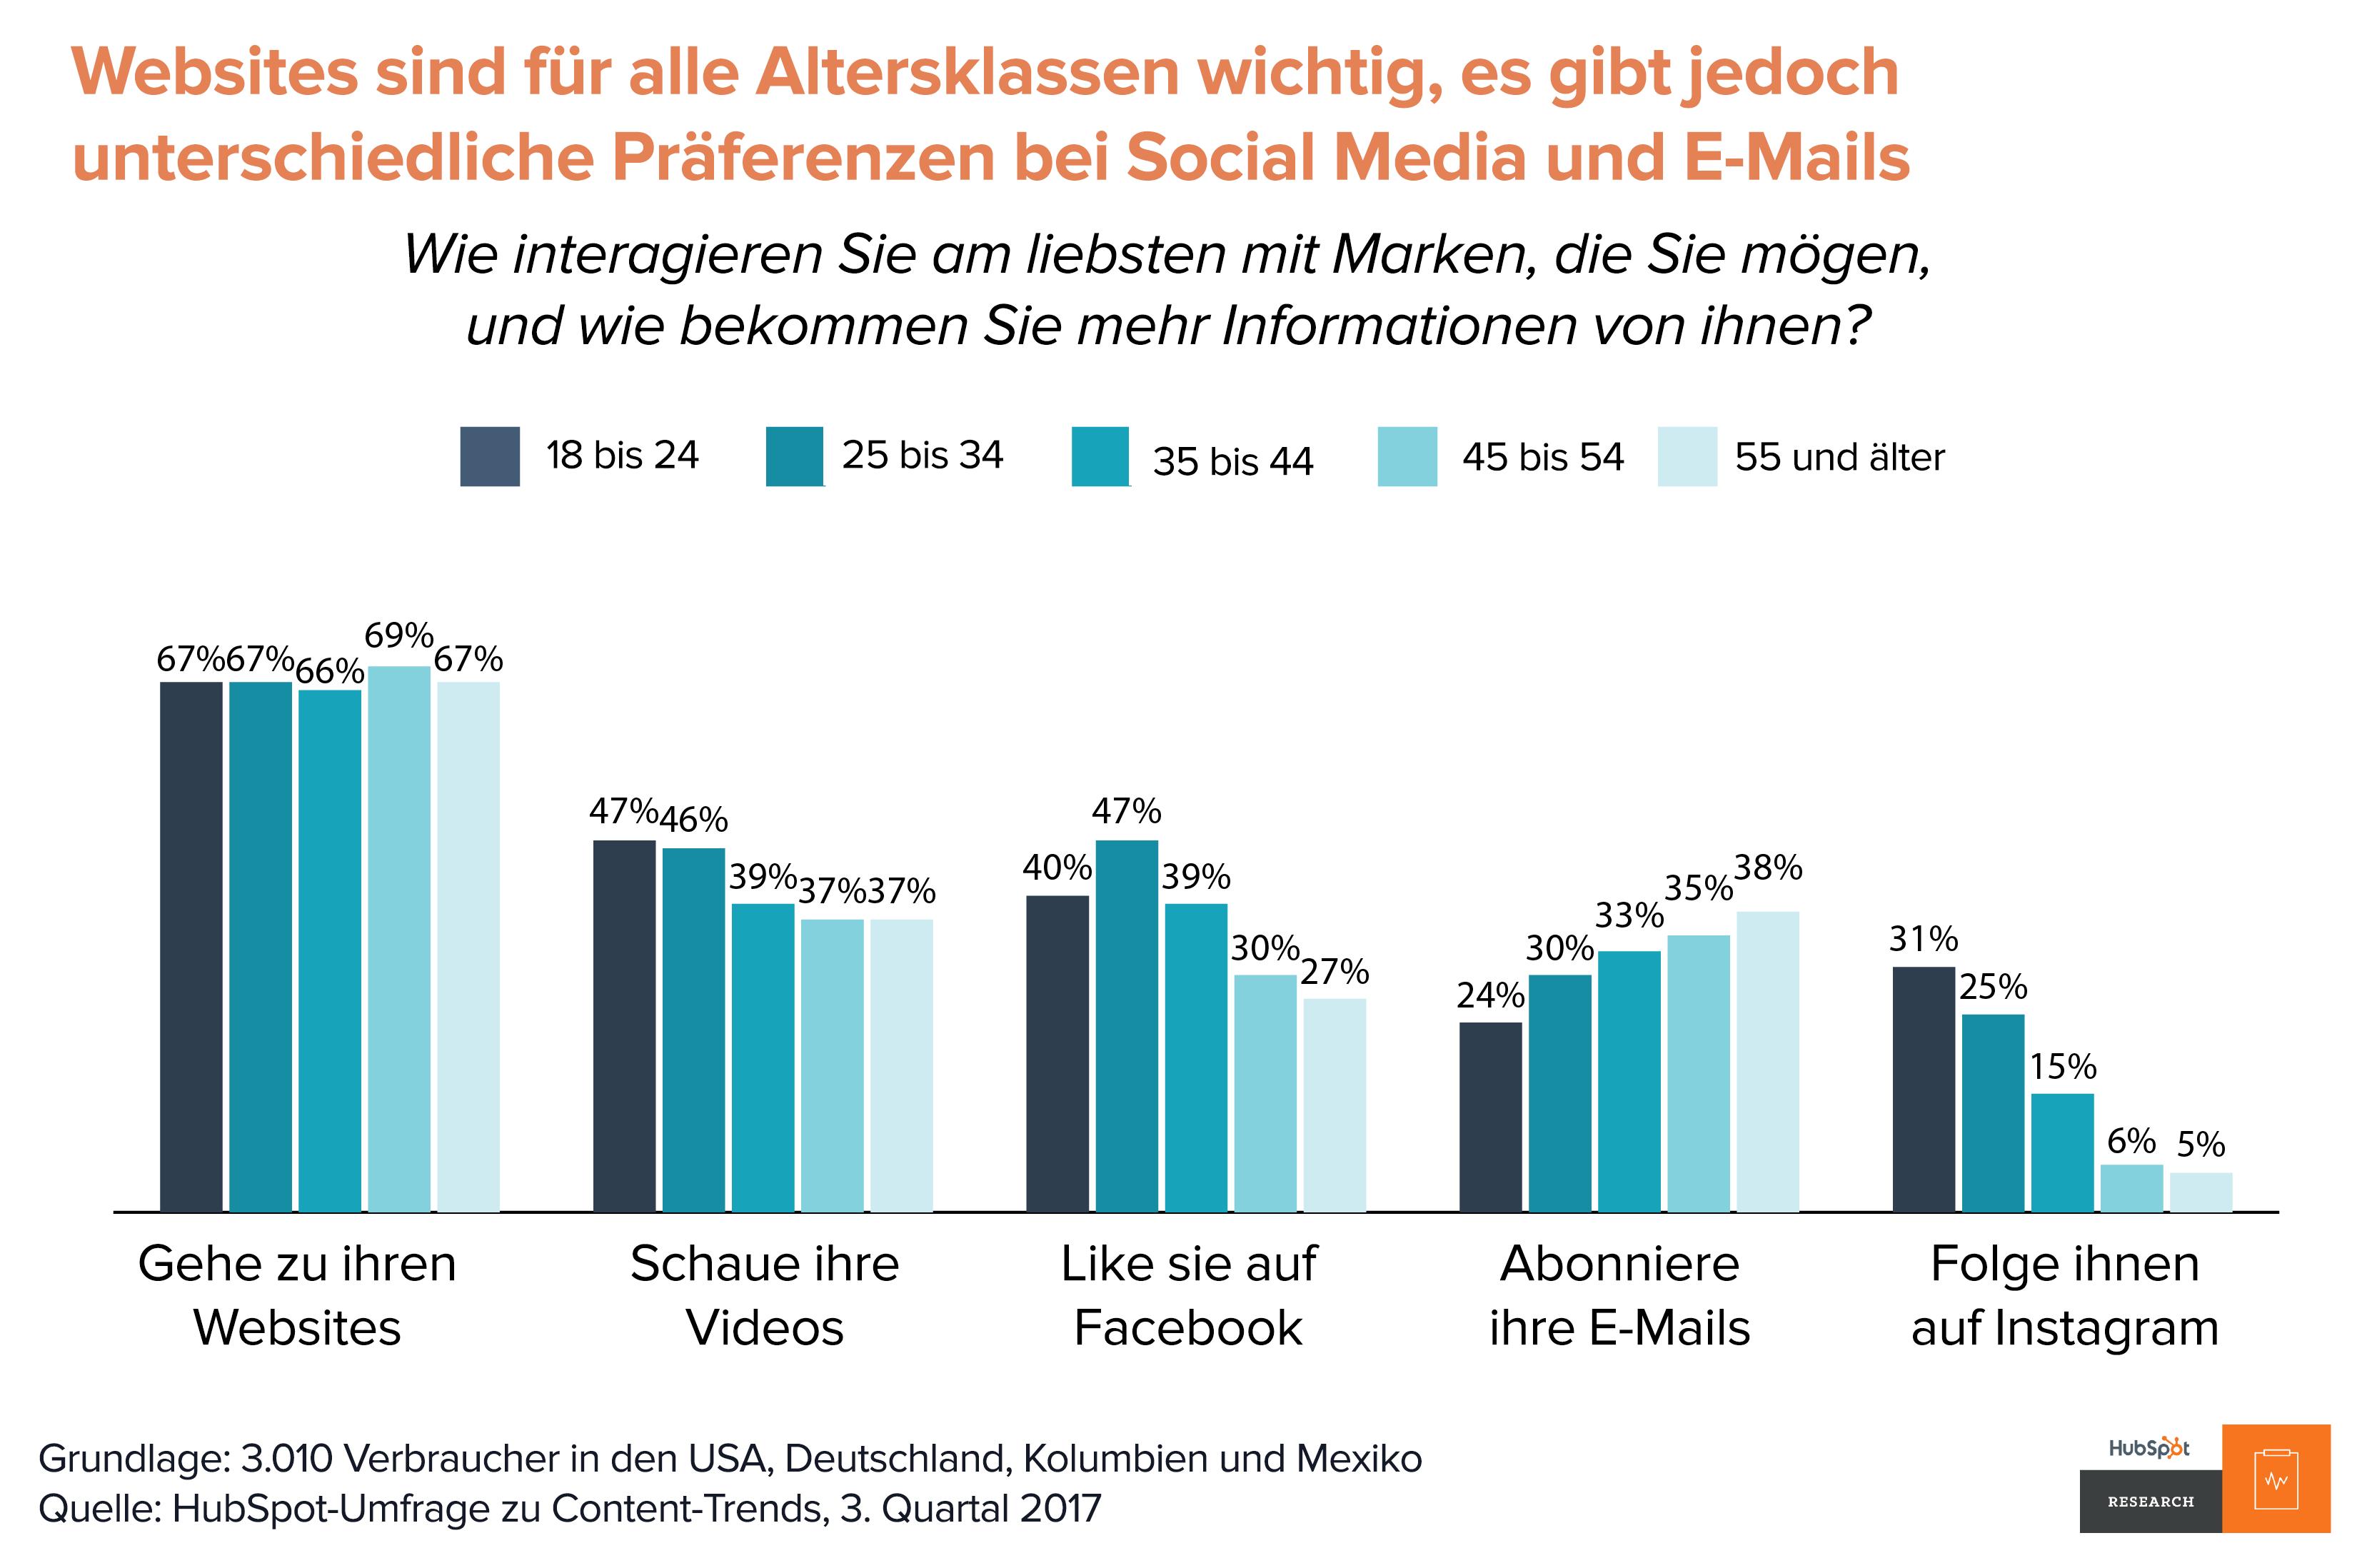 HubSpot Content-Trends – Interaktion mit Marken nach Alter